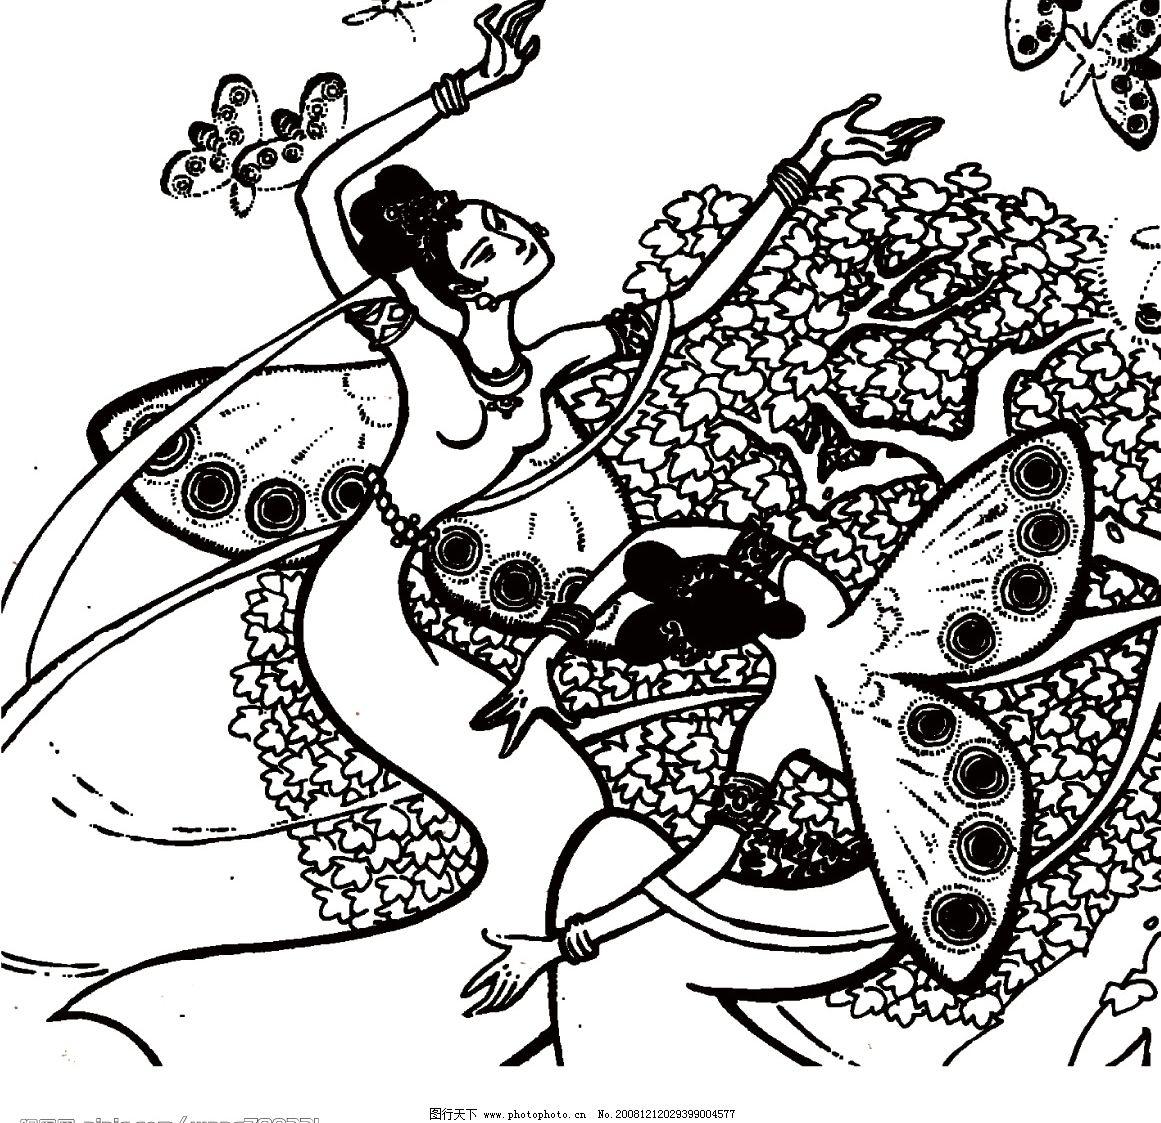 蝴蝶女 画书 女涡造人 小人书 插图 底图 广告设计模板 源文件库